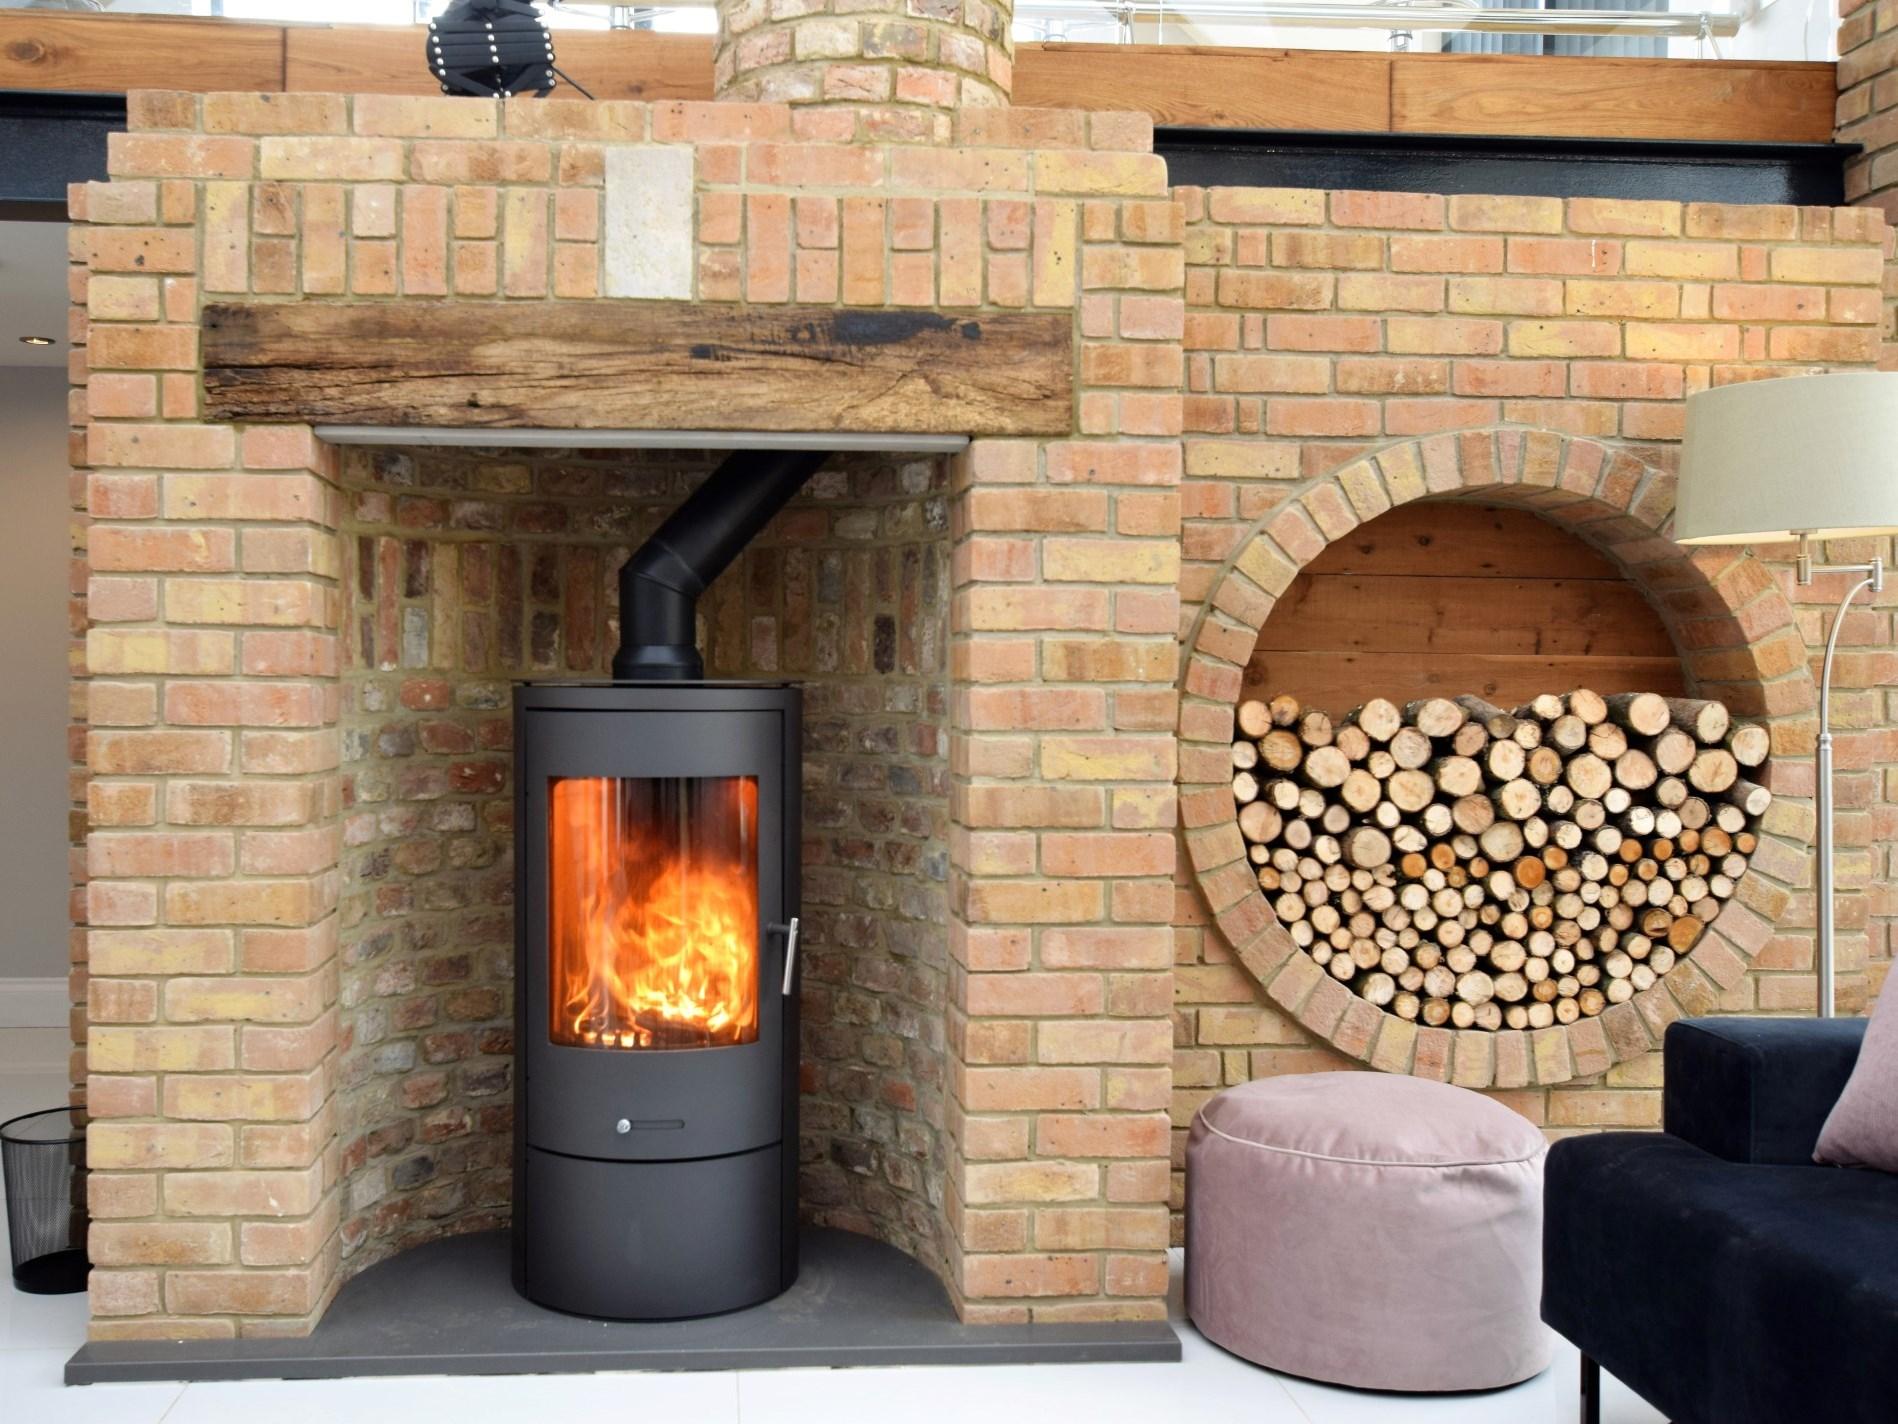 Beautiful fire place